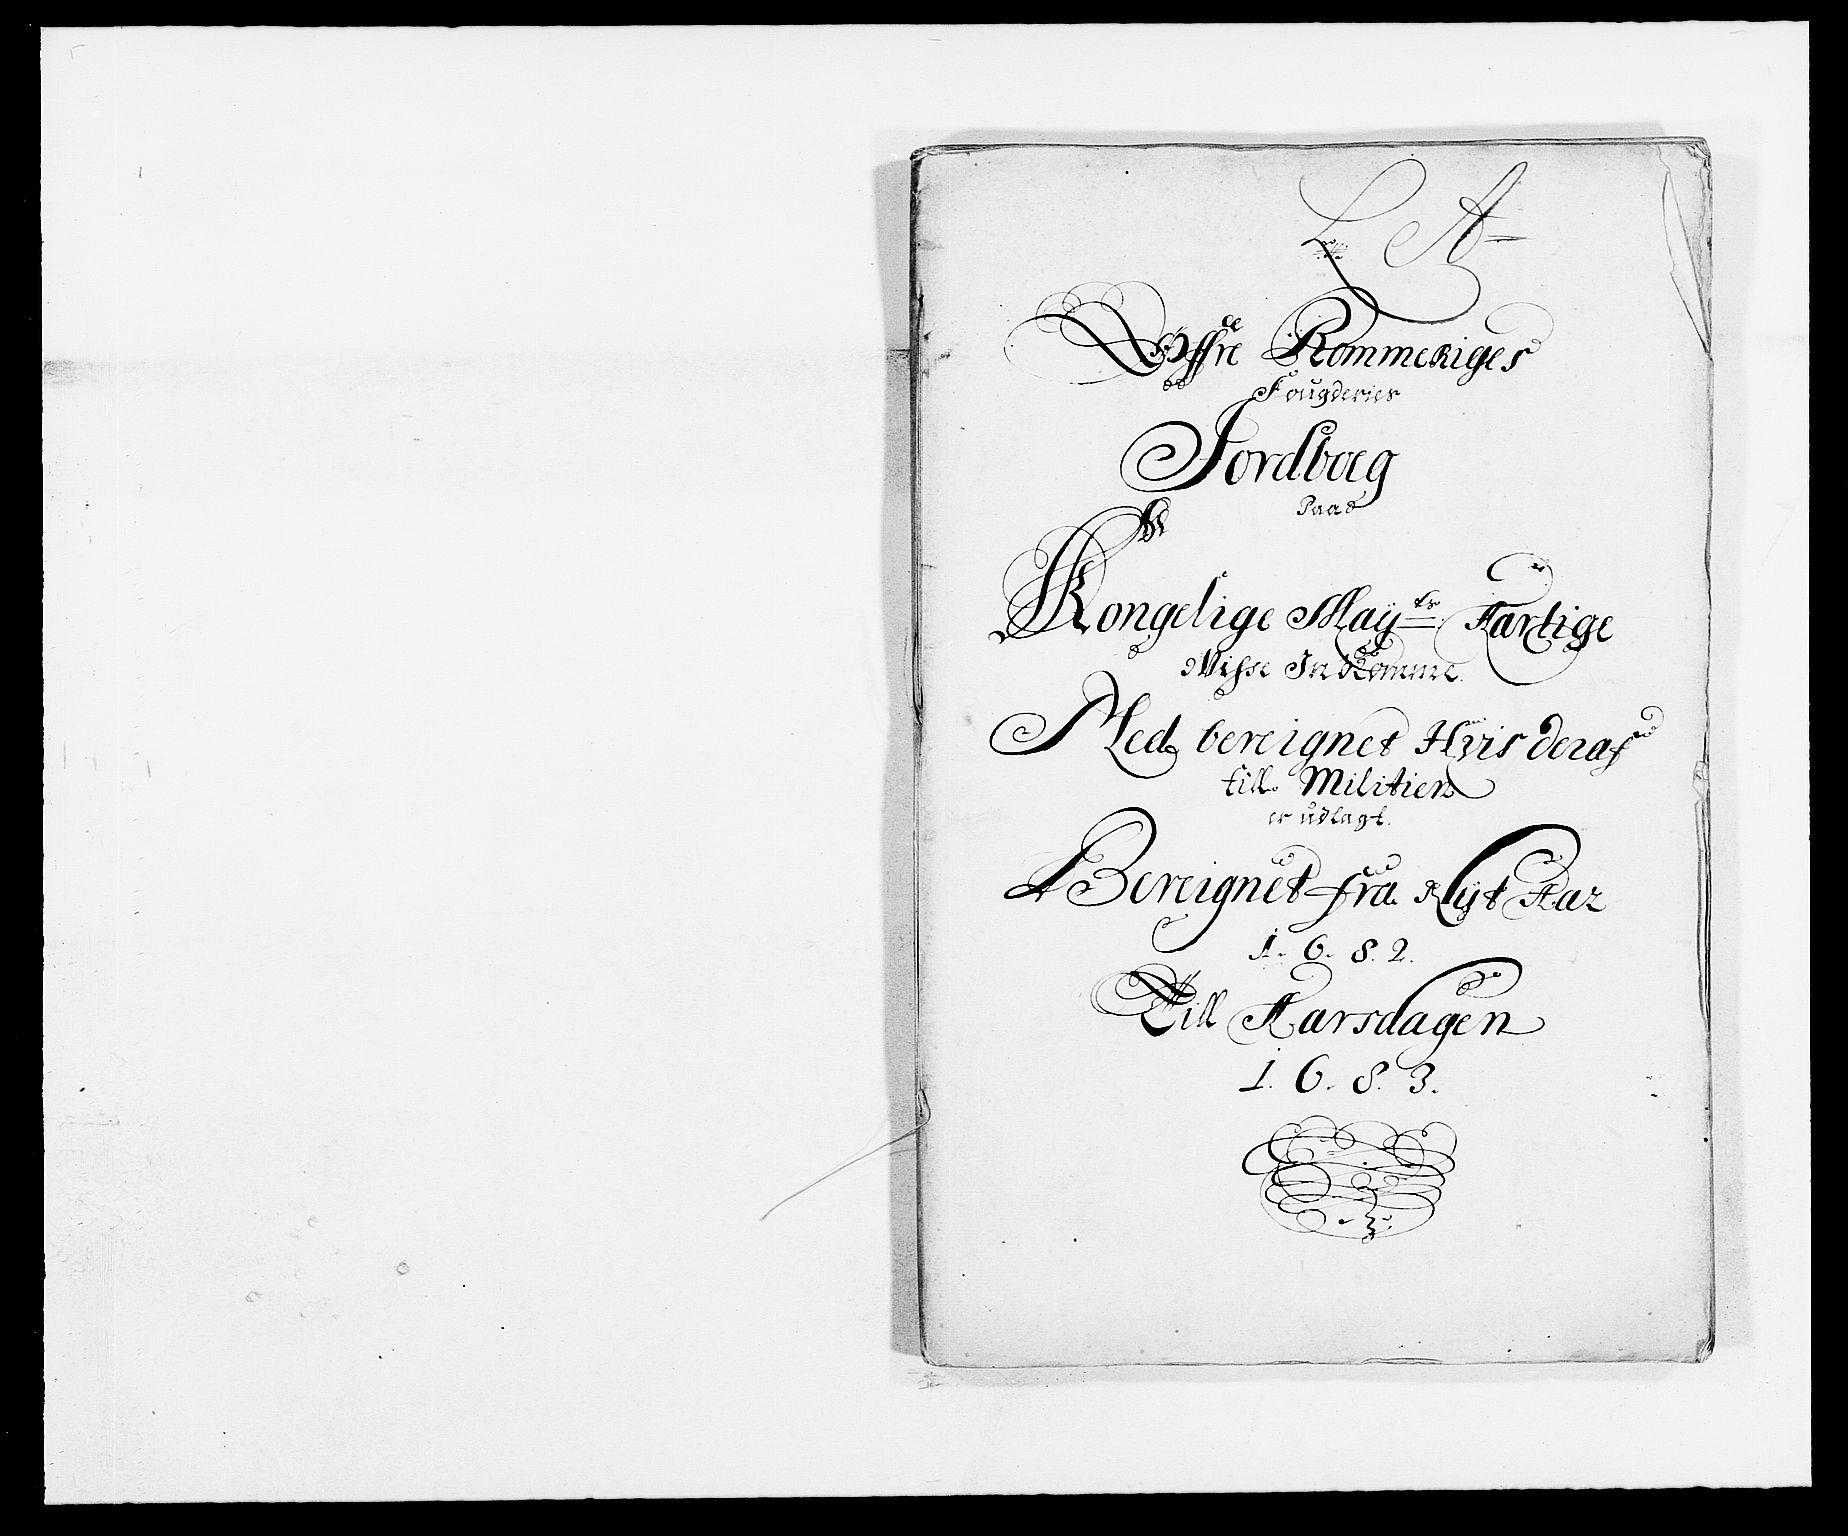 RA, Rentekammeret inntil 1814, Reviderte regnskaper, Fogderegnskap, R12/L0697: Fogderegnskap Øvre Romerike, 1682-1683, s. 10